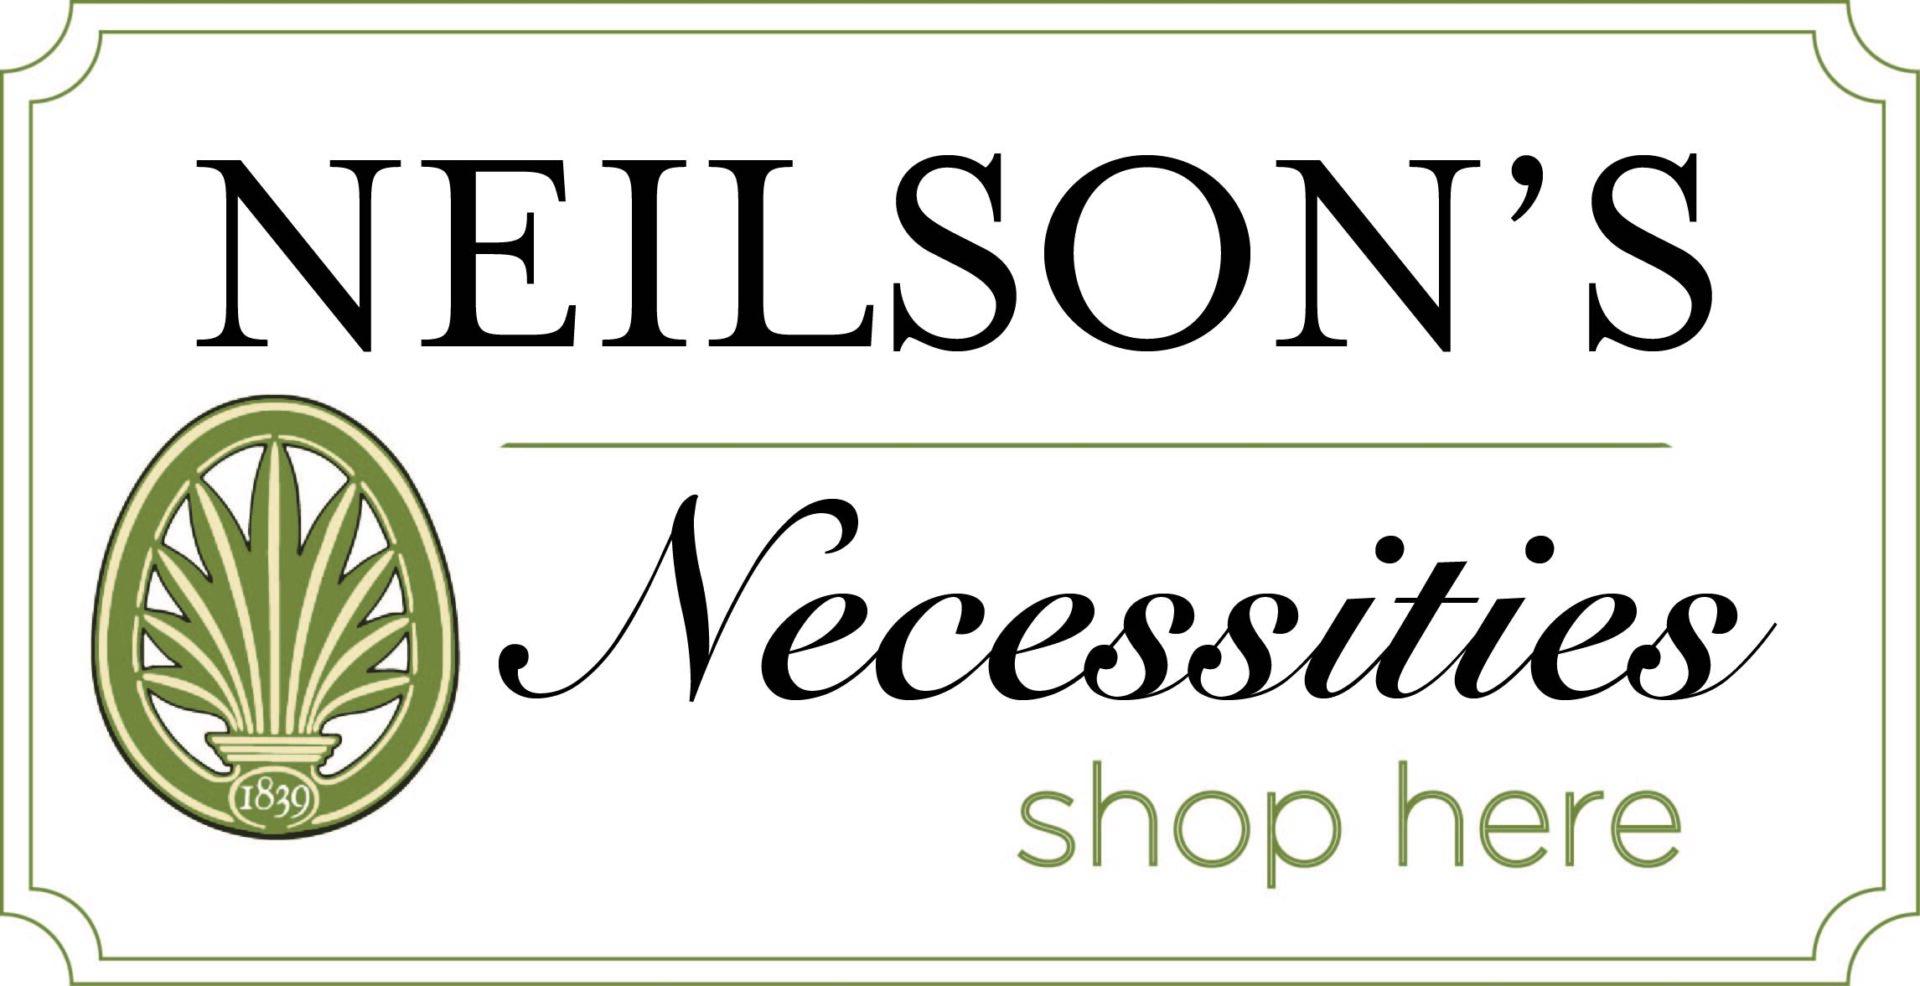 Neilson's necessities